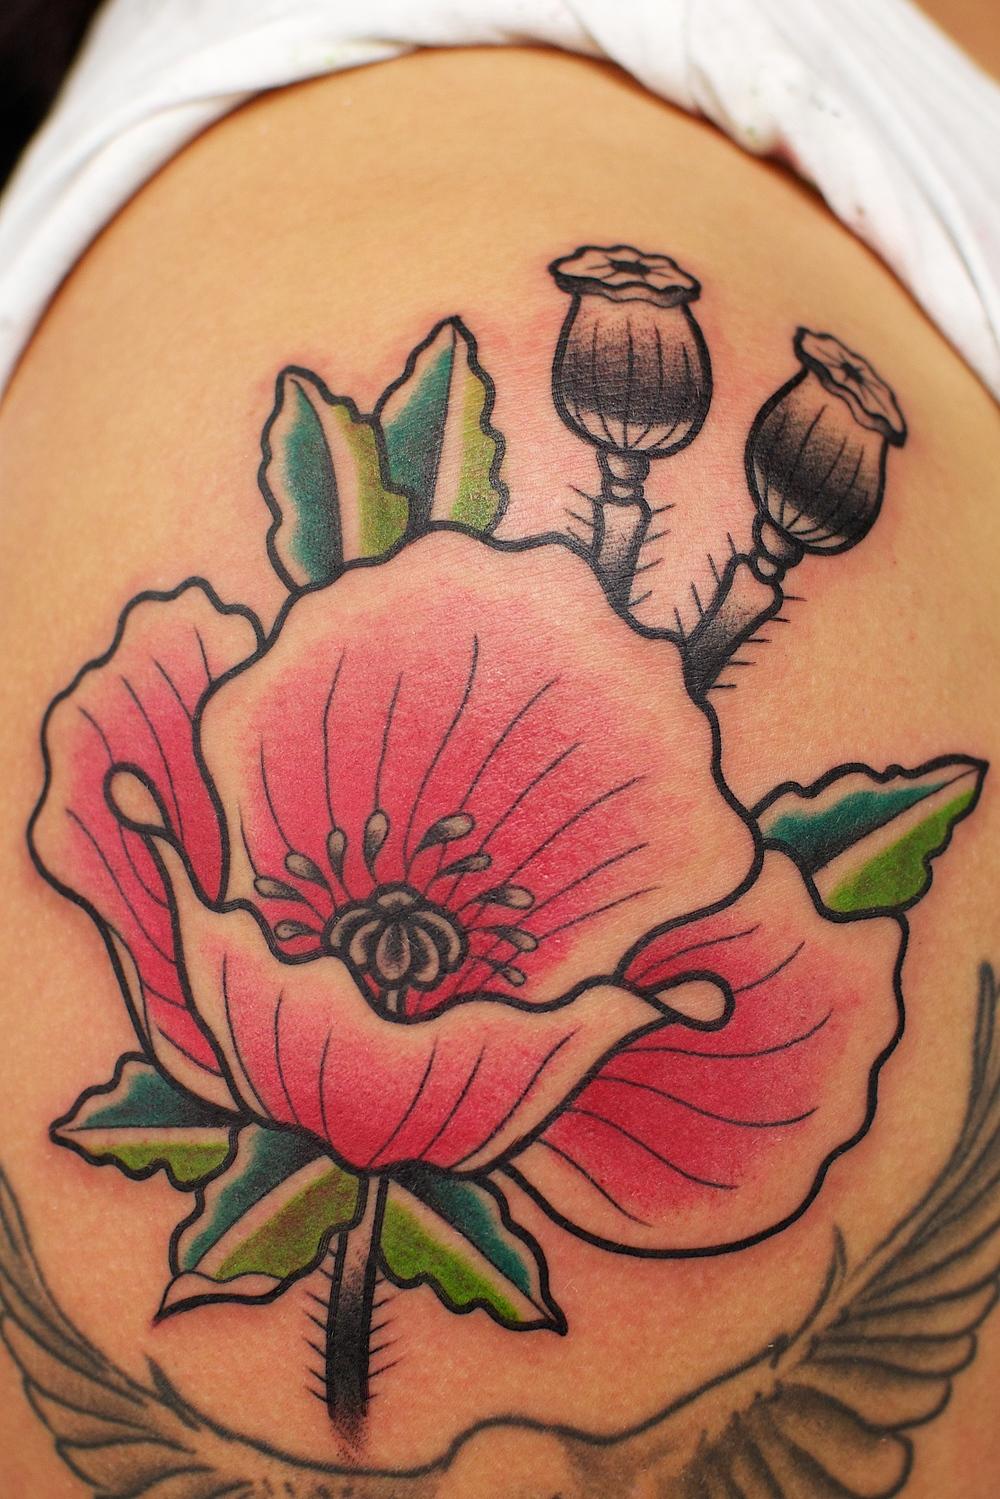 01112012 Tattoo 01 5.jpg